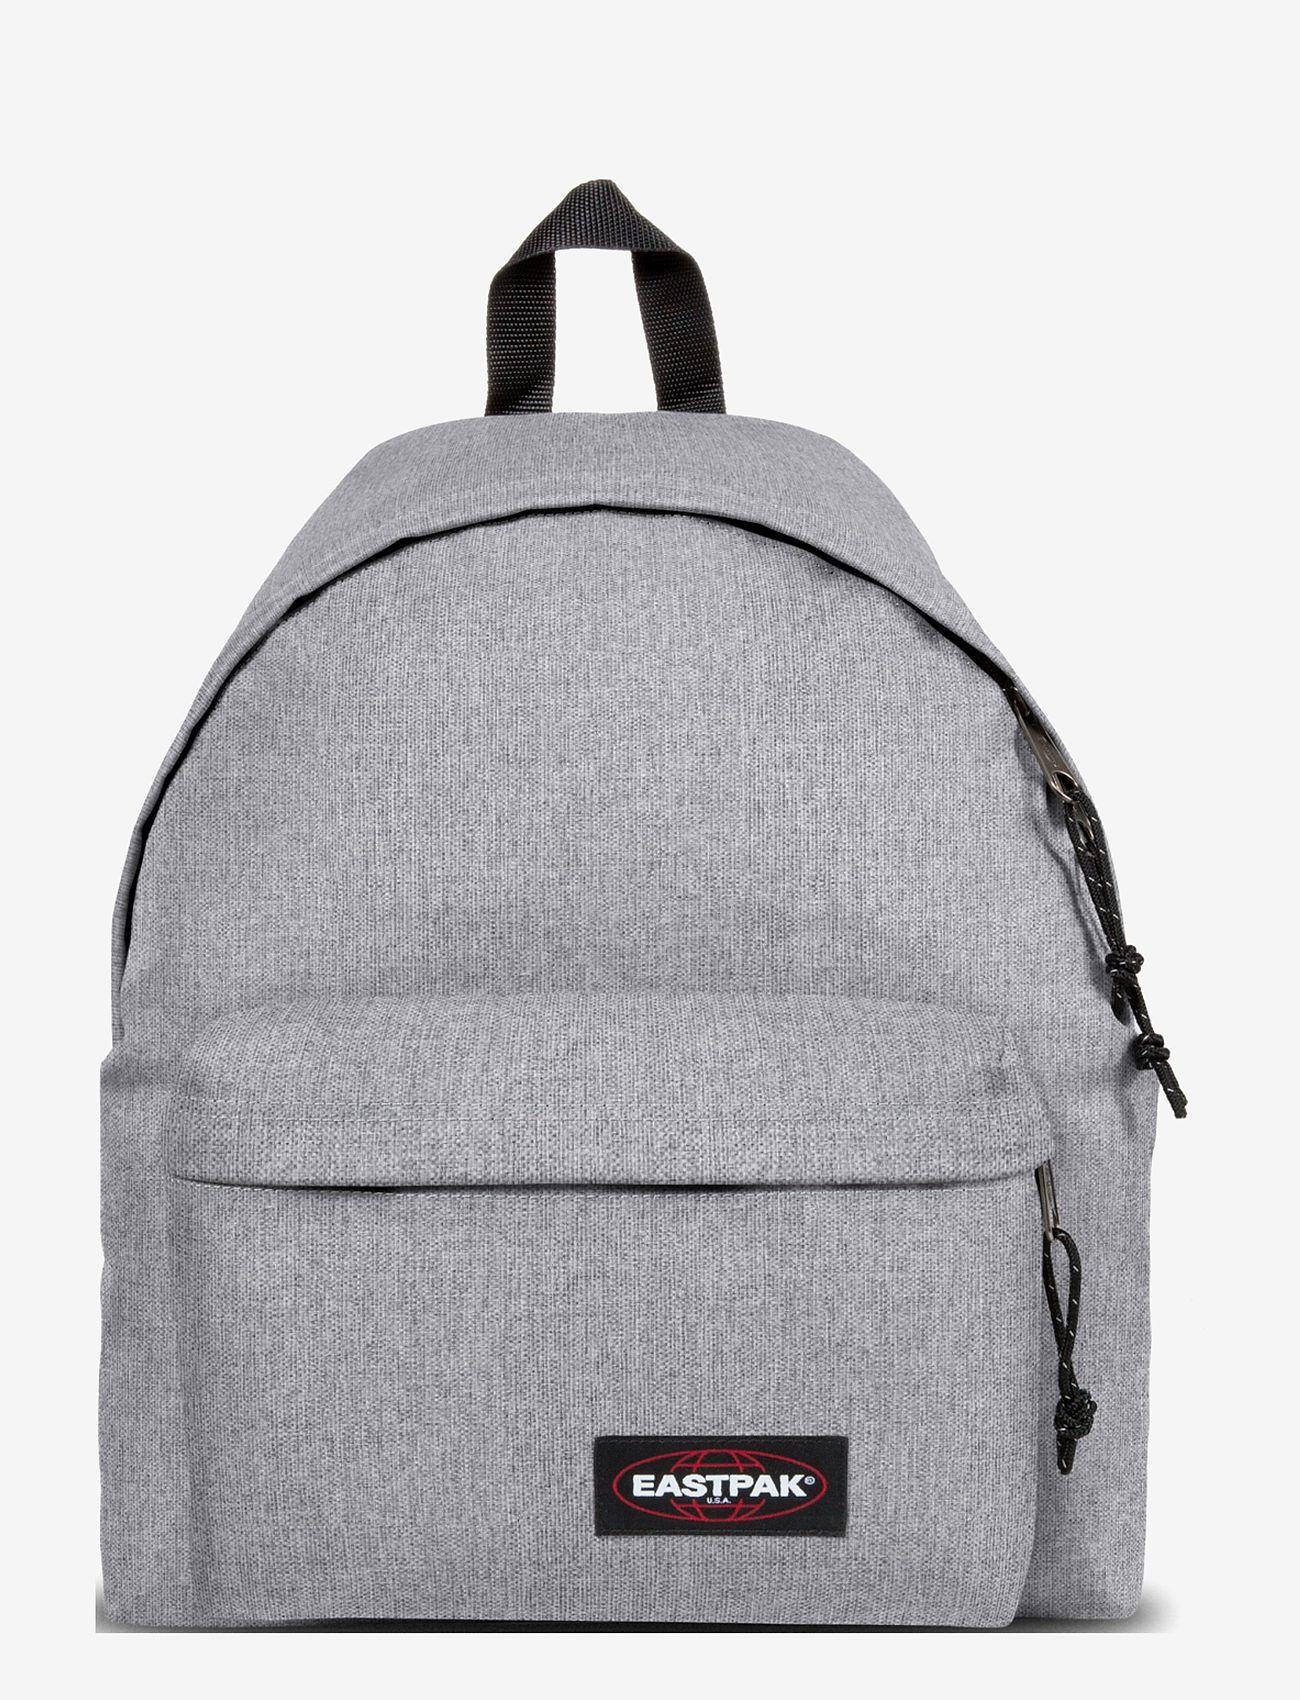 Eastpak - PADDED PAK'R - ryggsäckar - sunday grey - 0